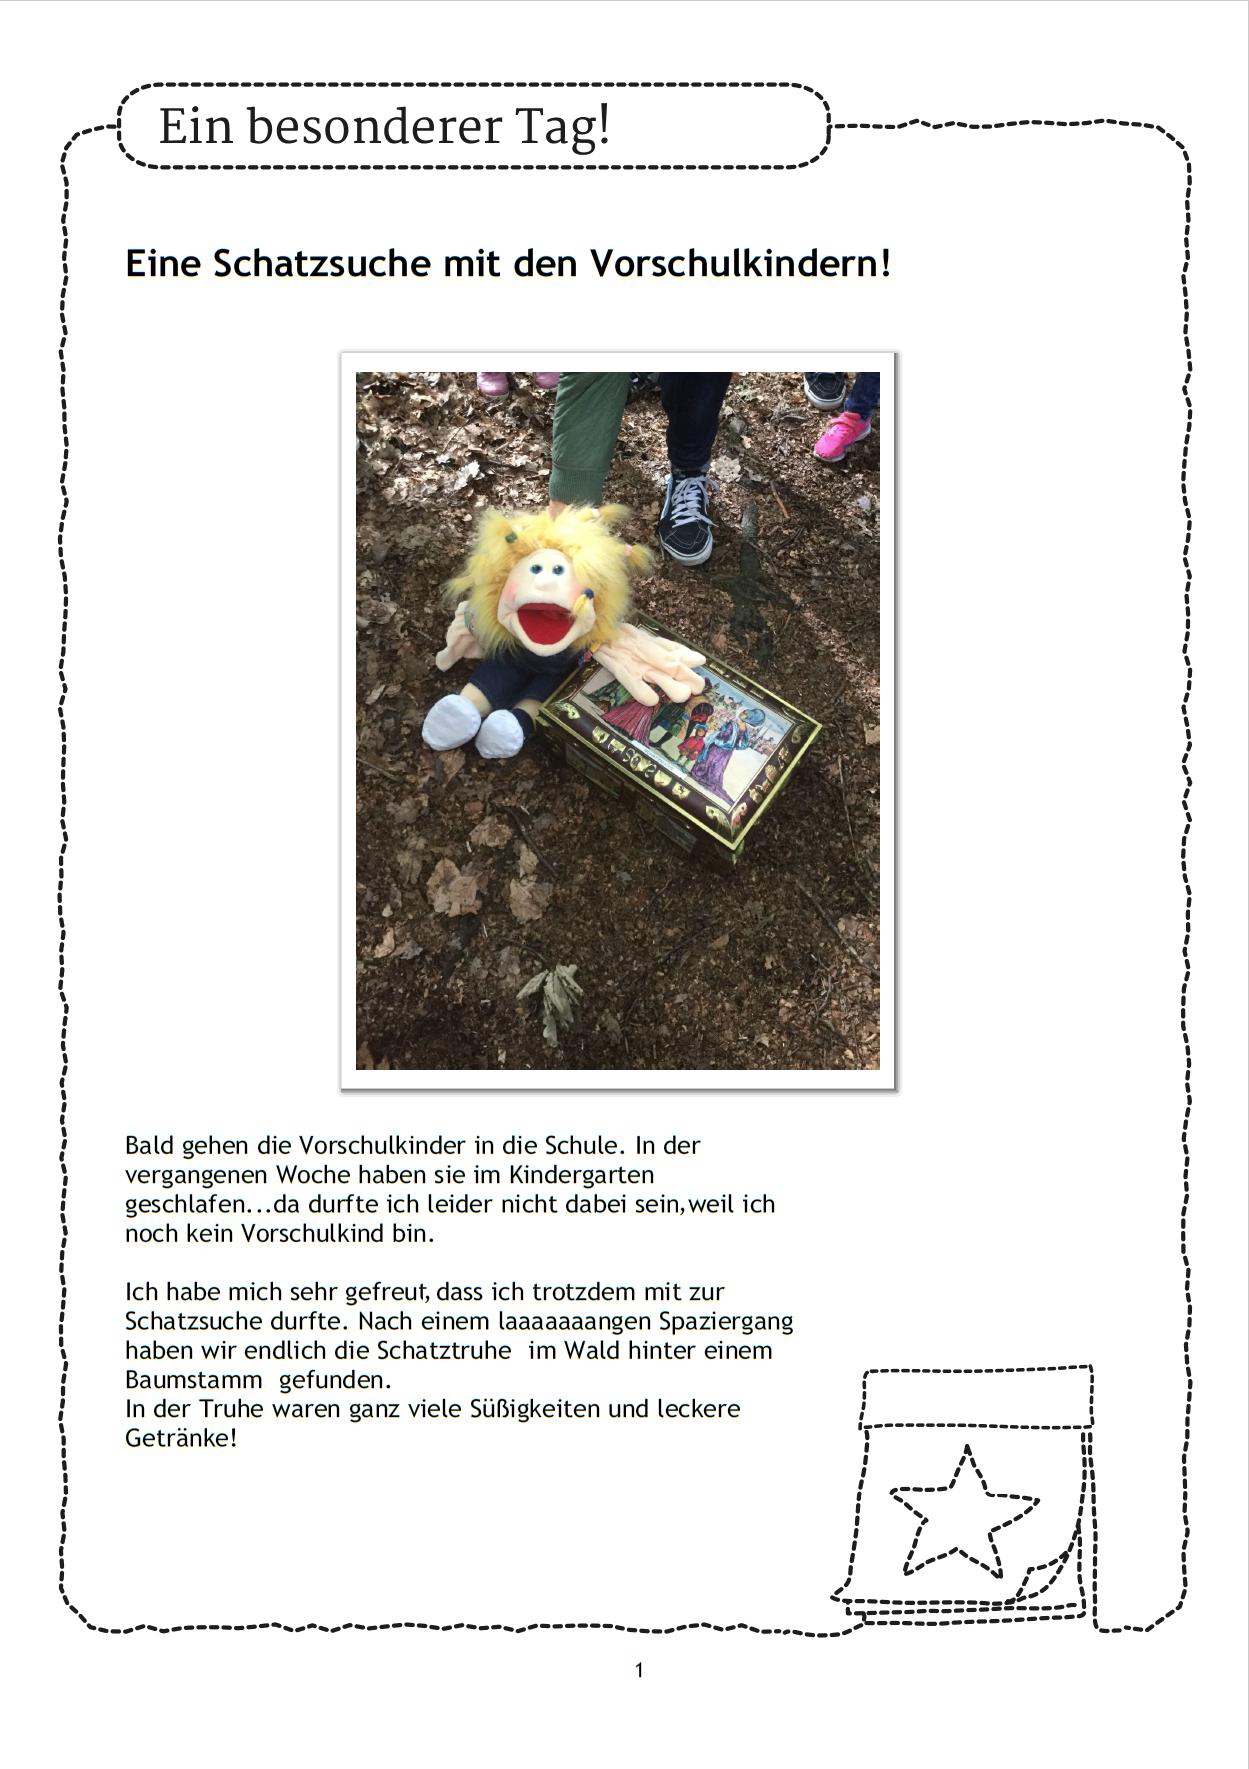 Eine Schatzsuche Im Kindergarten Begeistert Nicht Nur Die Kinder Auch Die Erzieher Und Erzieherinnen Haben Spa Kindergarten Entwicklung Kleinkind Vorschulbuch